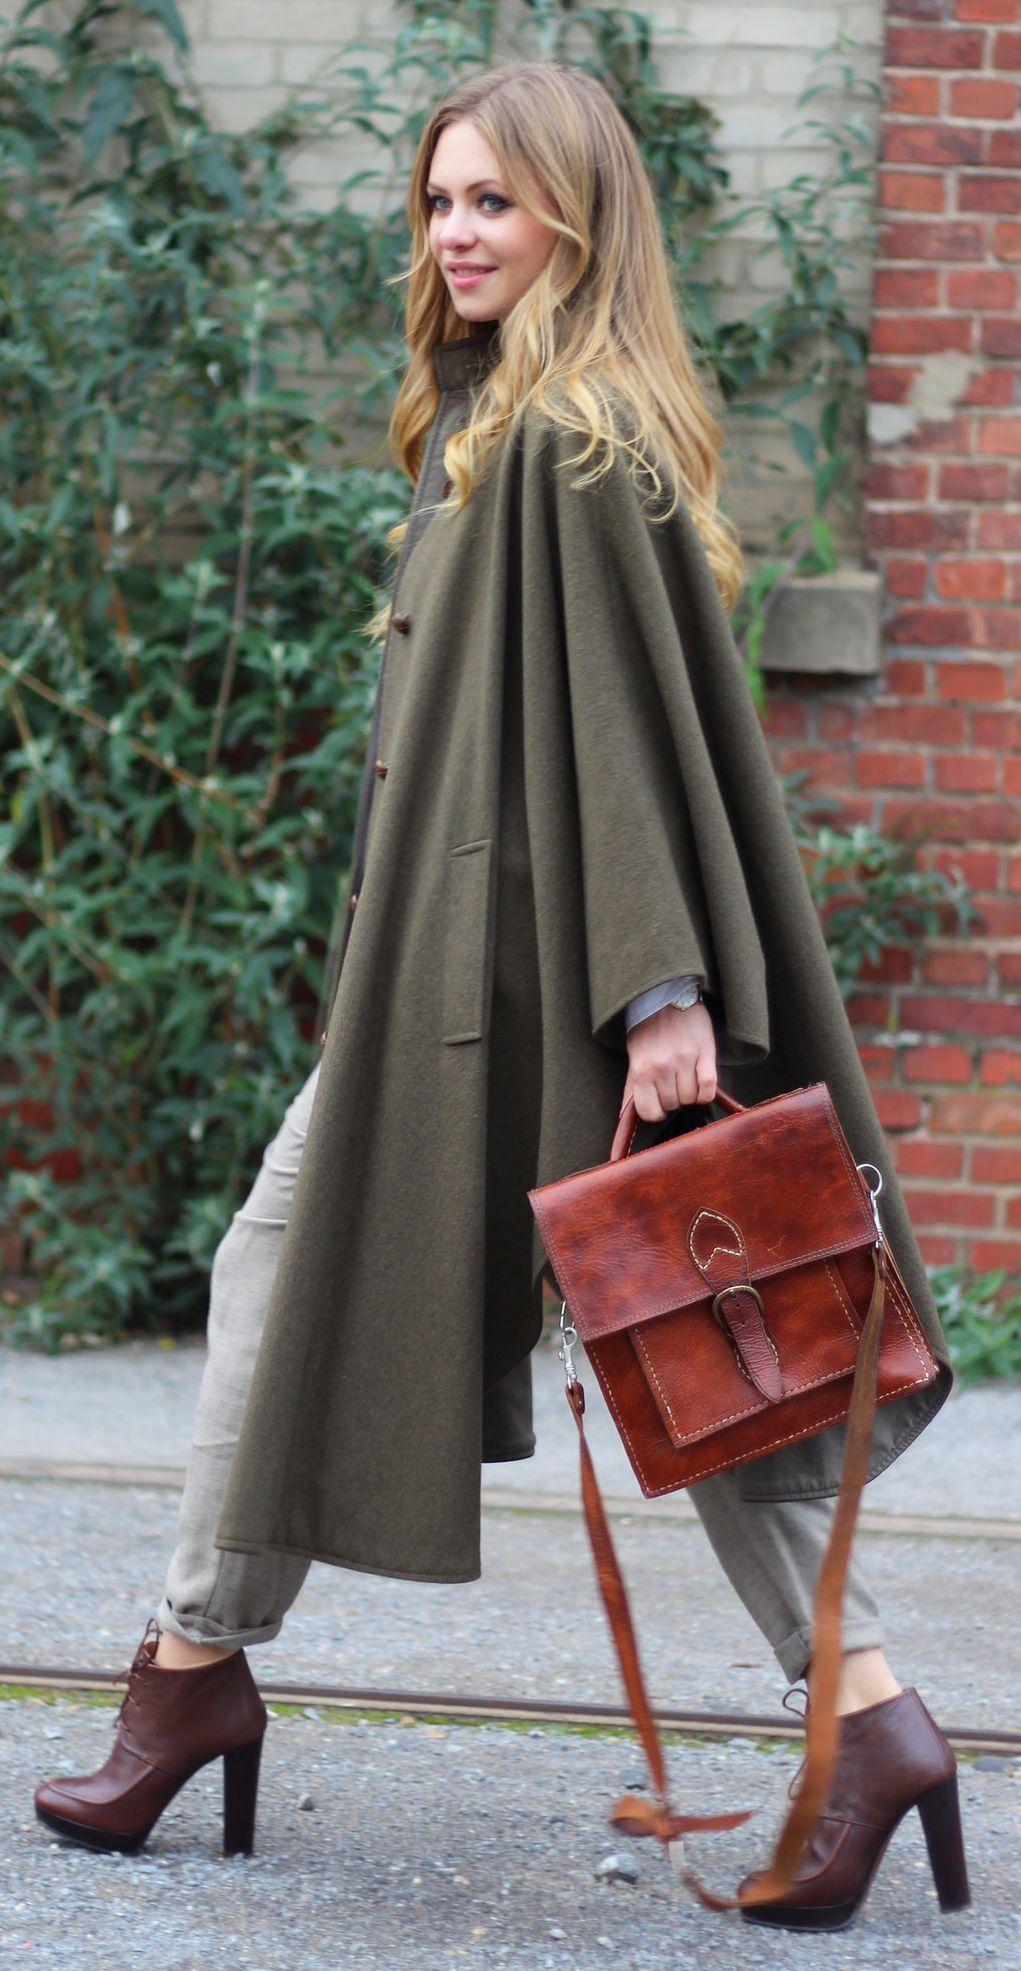 Les 25 meilleures id es de la cat gorie manteau cape femme hiver sur pinterest manteau femme - Cape femme hiver ...